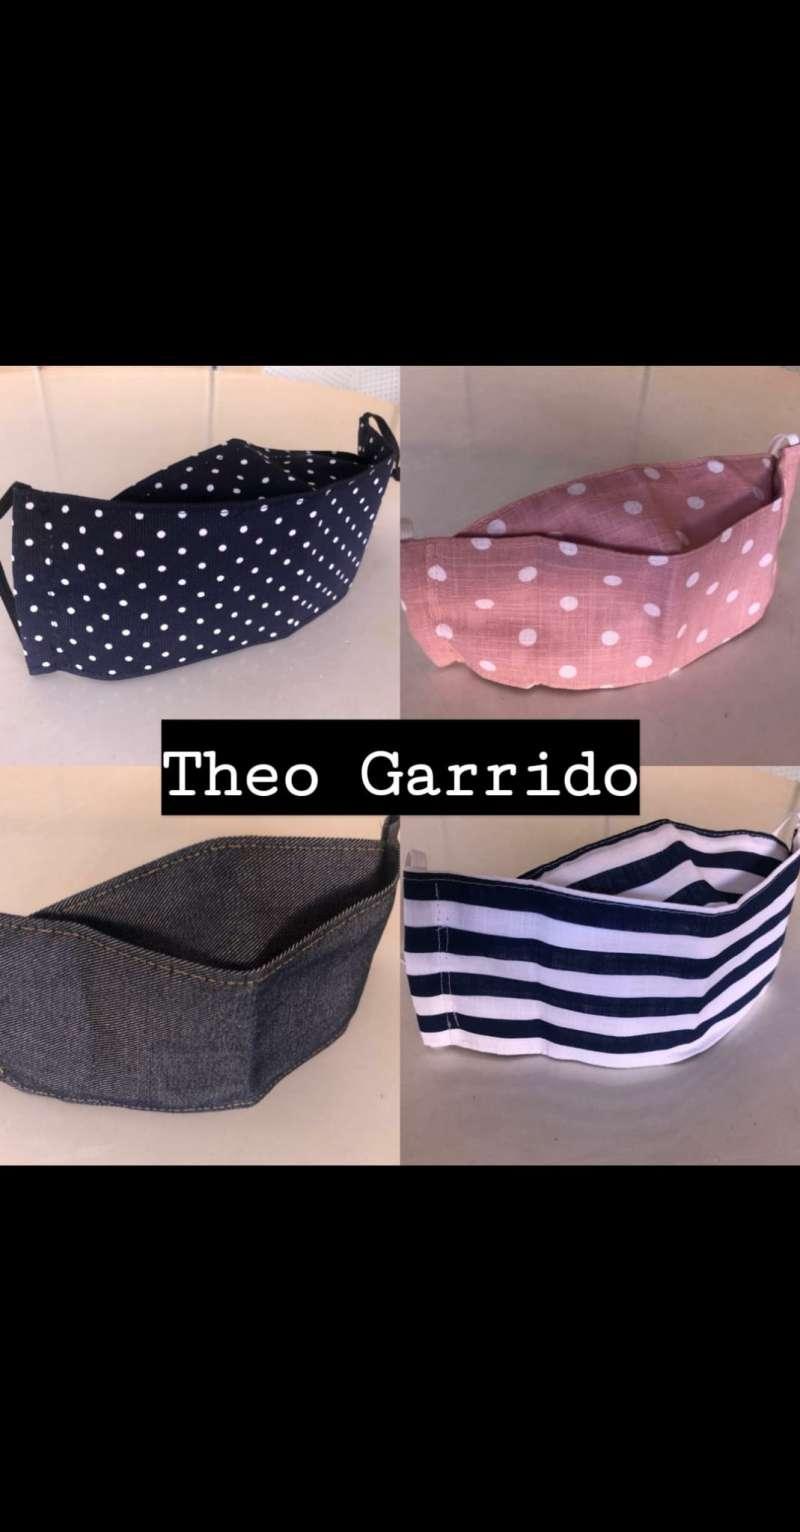 Creaciones de Theo Garrido.